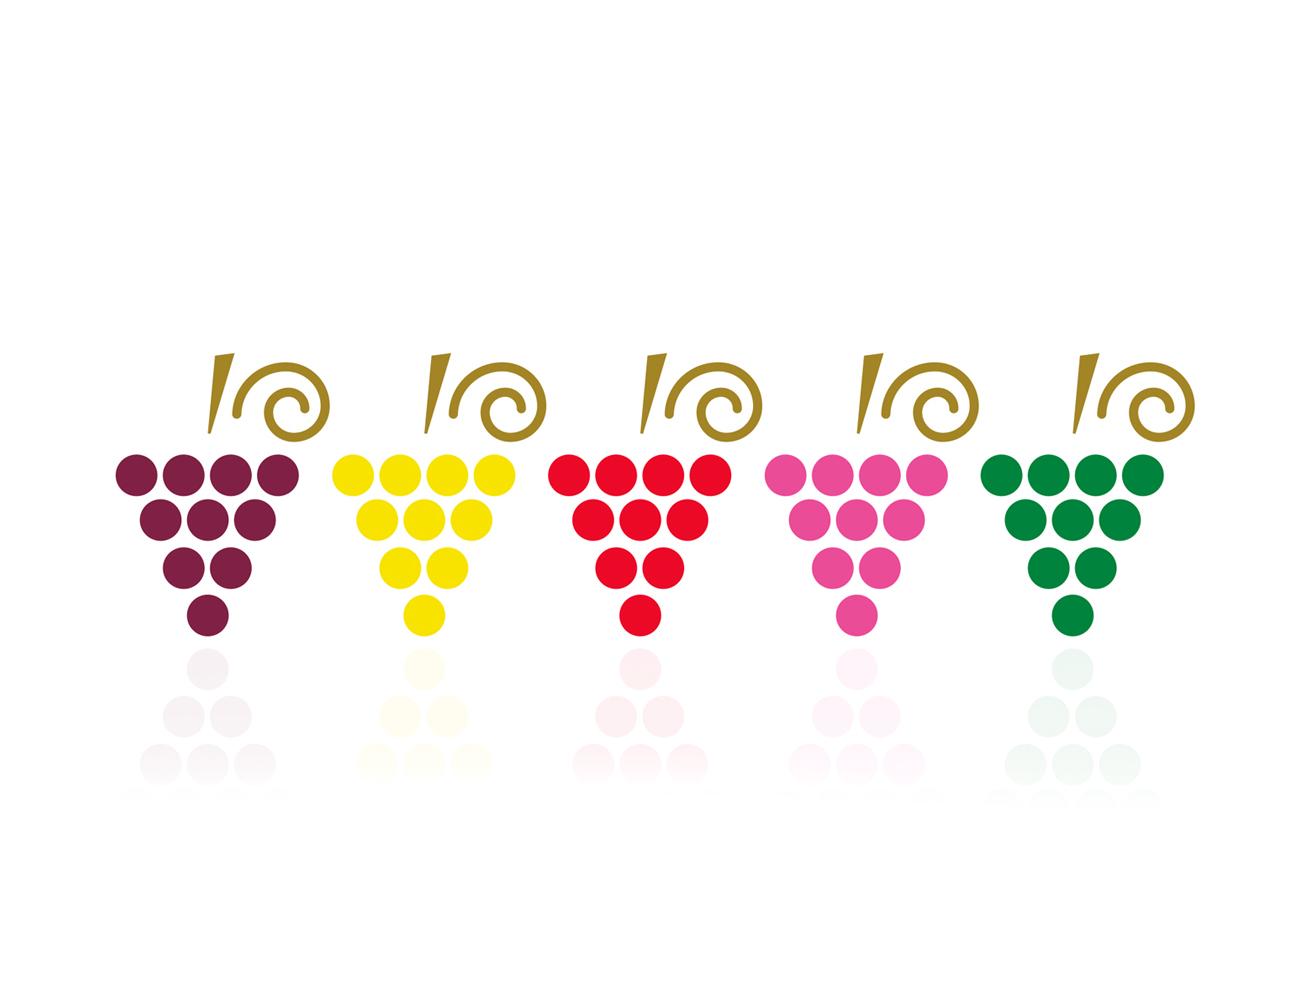 georgiadisgraphicdesign2